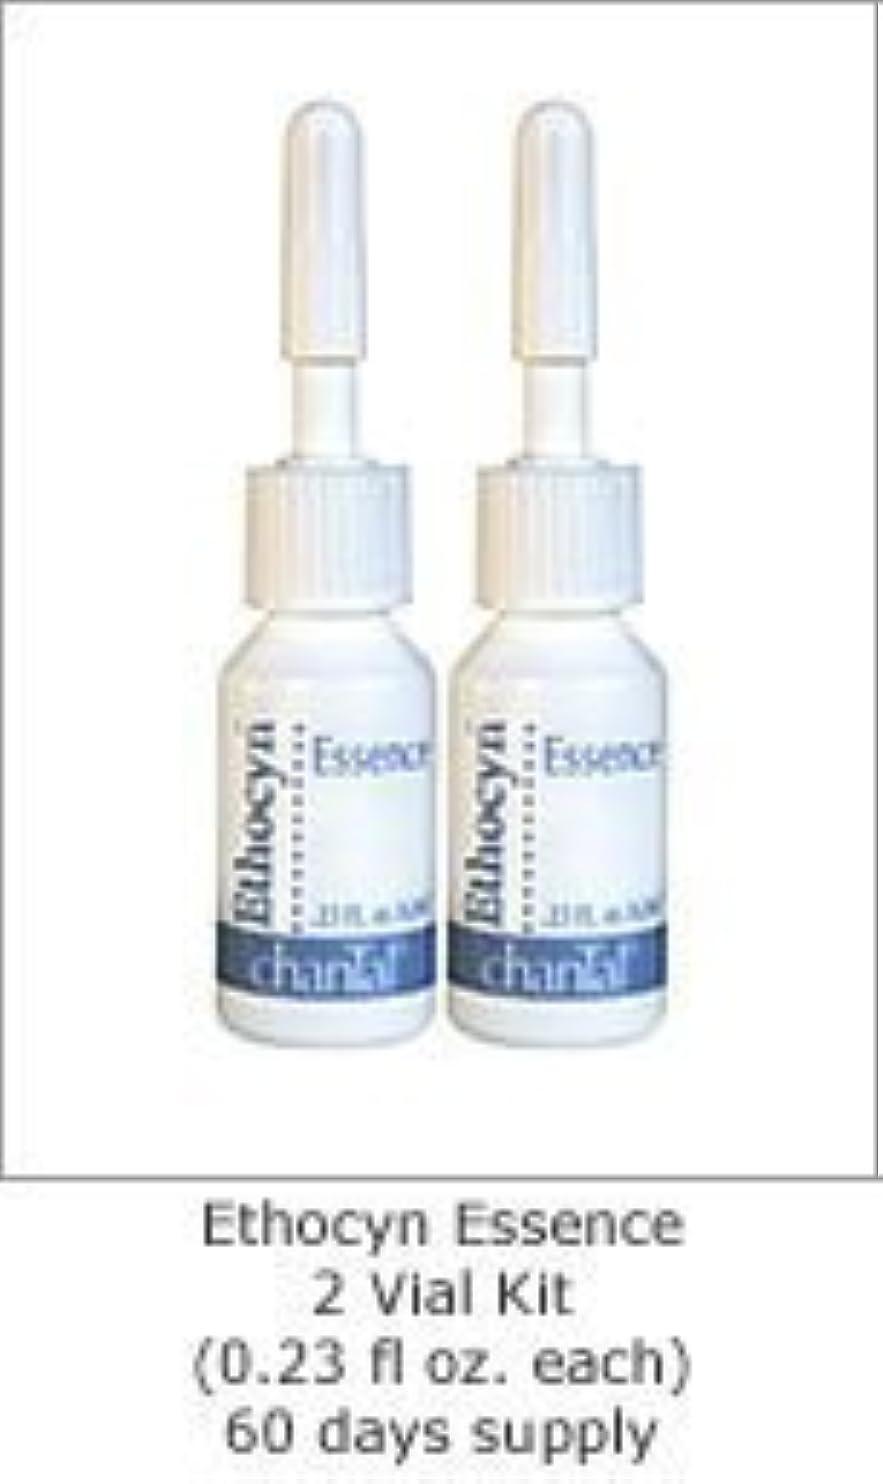 空中トーストおじさんChantal Ethocyn Essence Vials, Hydrating & Firming ([2 vials]) by Chantal [並行輸入品]